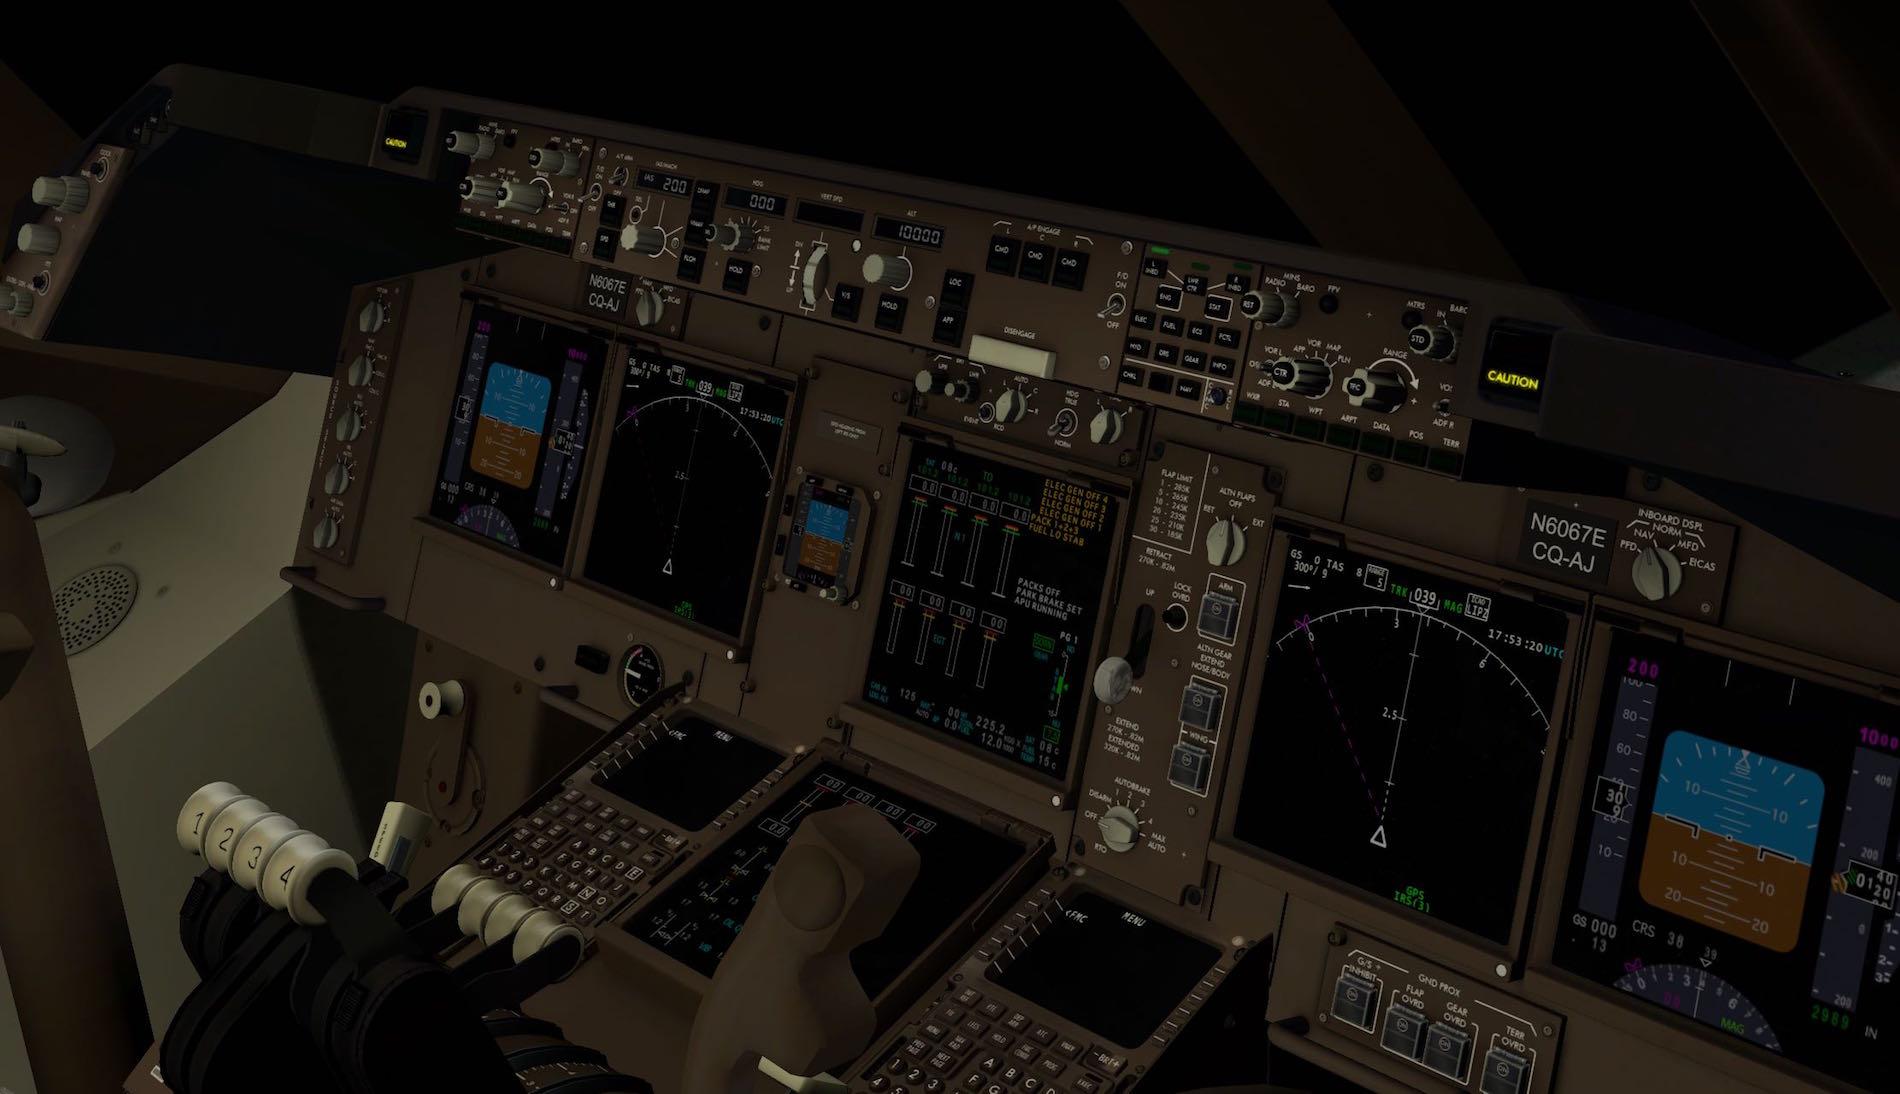 ssg-748i-00011